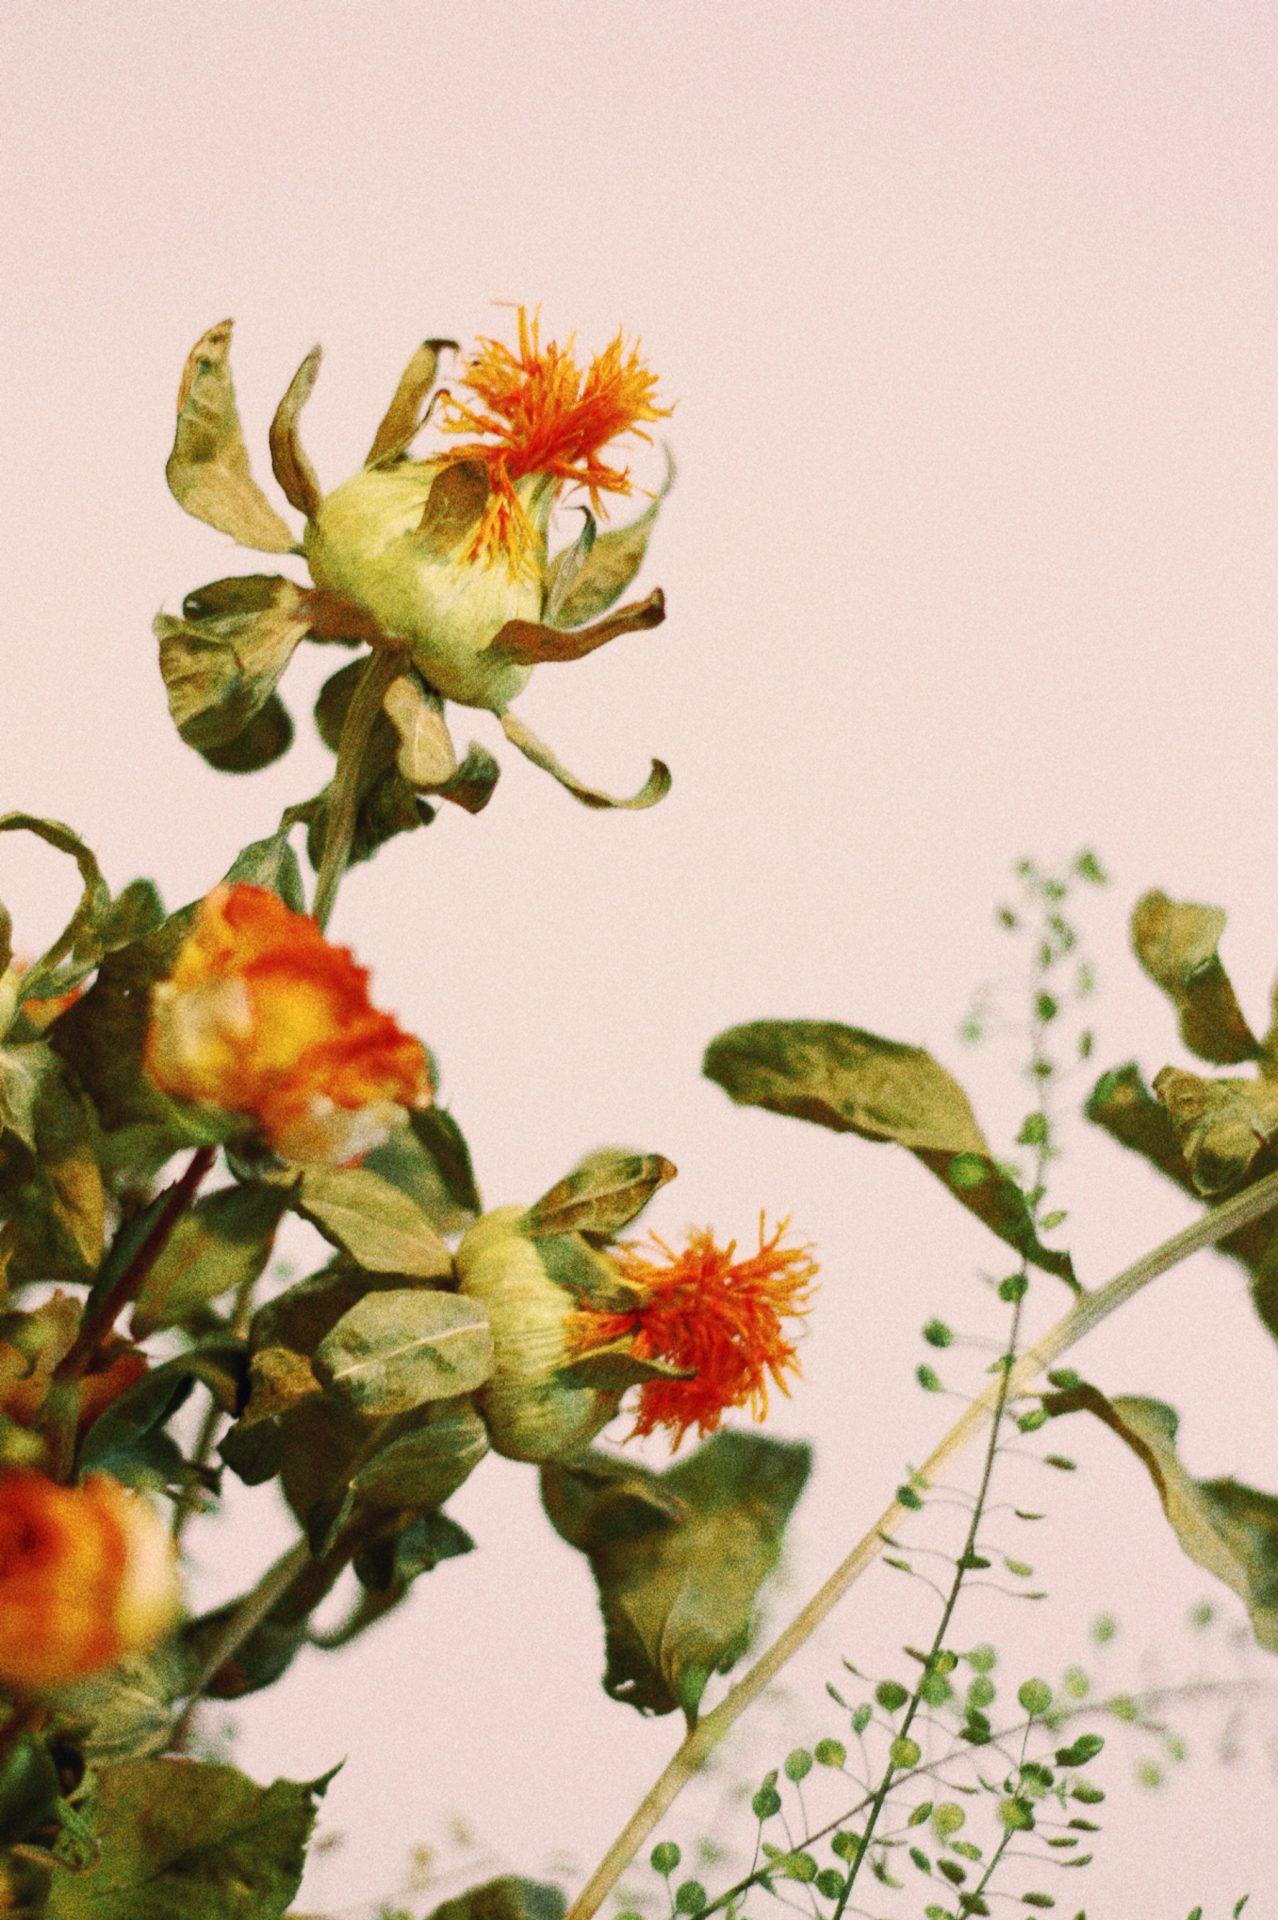 Fleur orange et verte à la lumiere naturelle